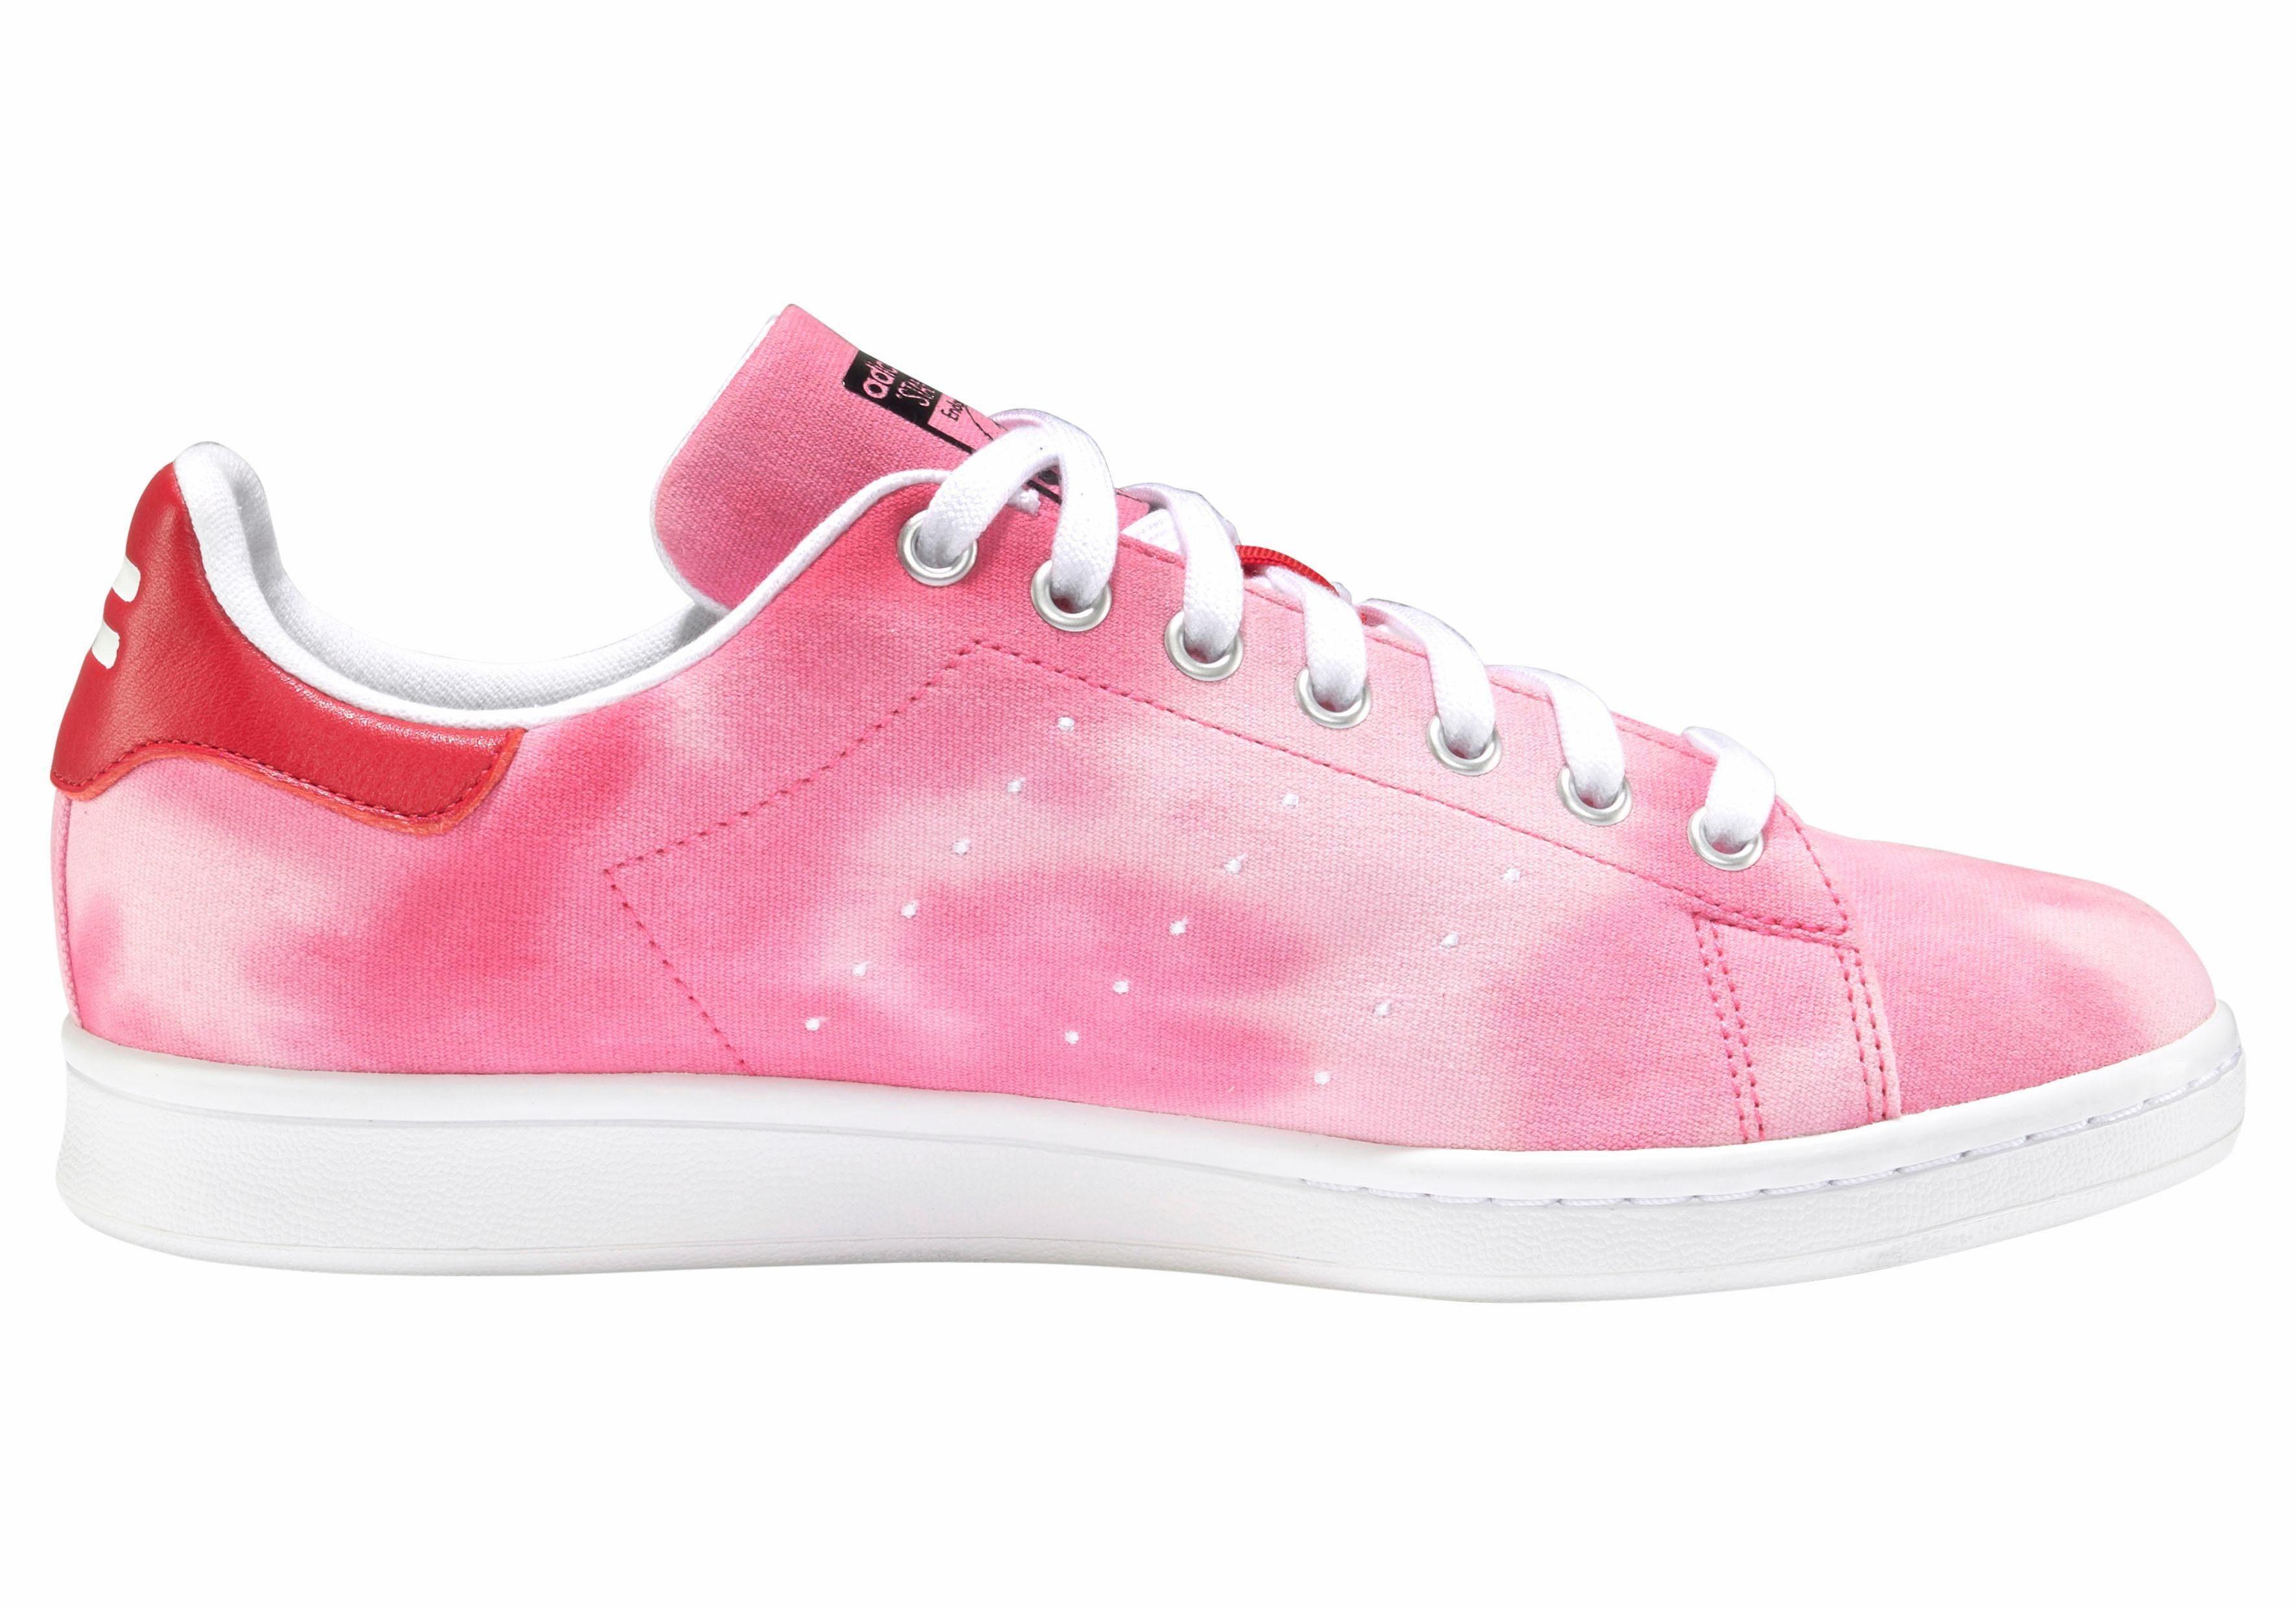 Adidas Gazelle Damen Pink bih